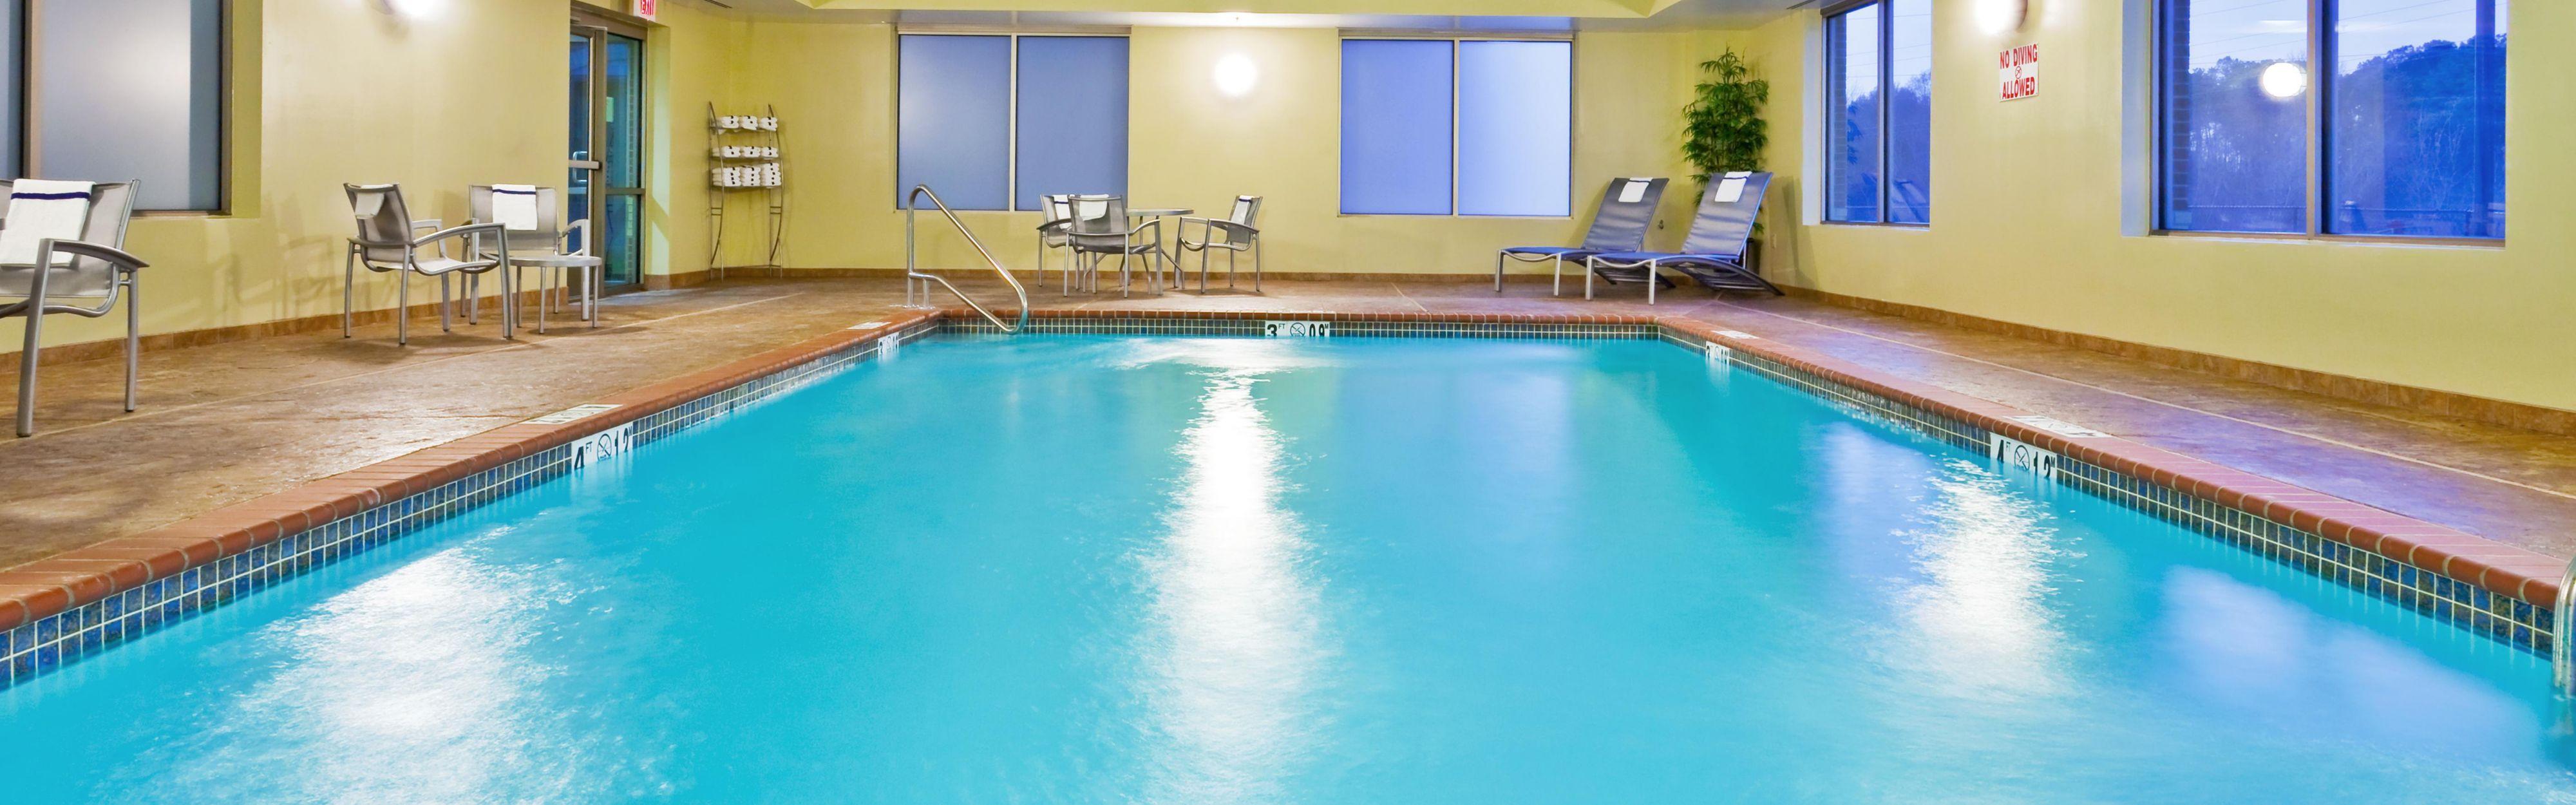 Holiday Inn Express  U0026 Suites Memphis  Germantown In